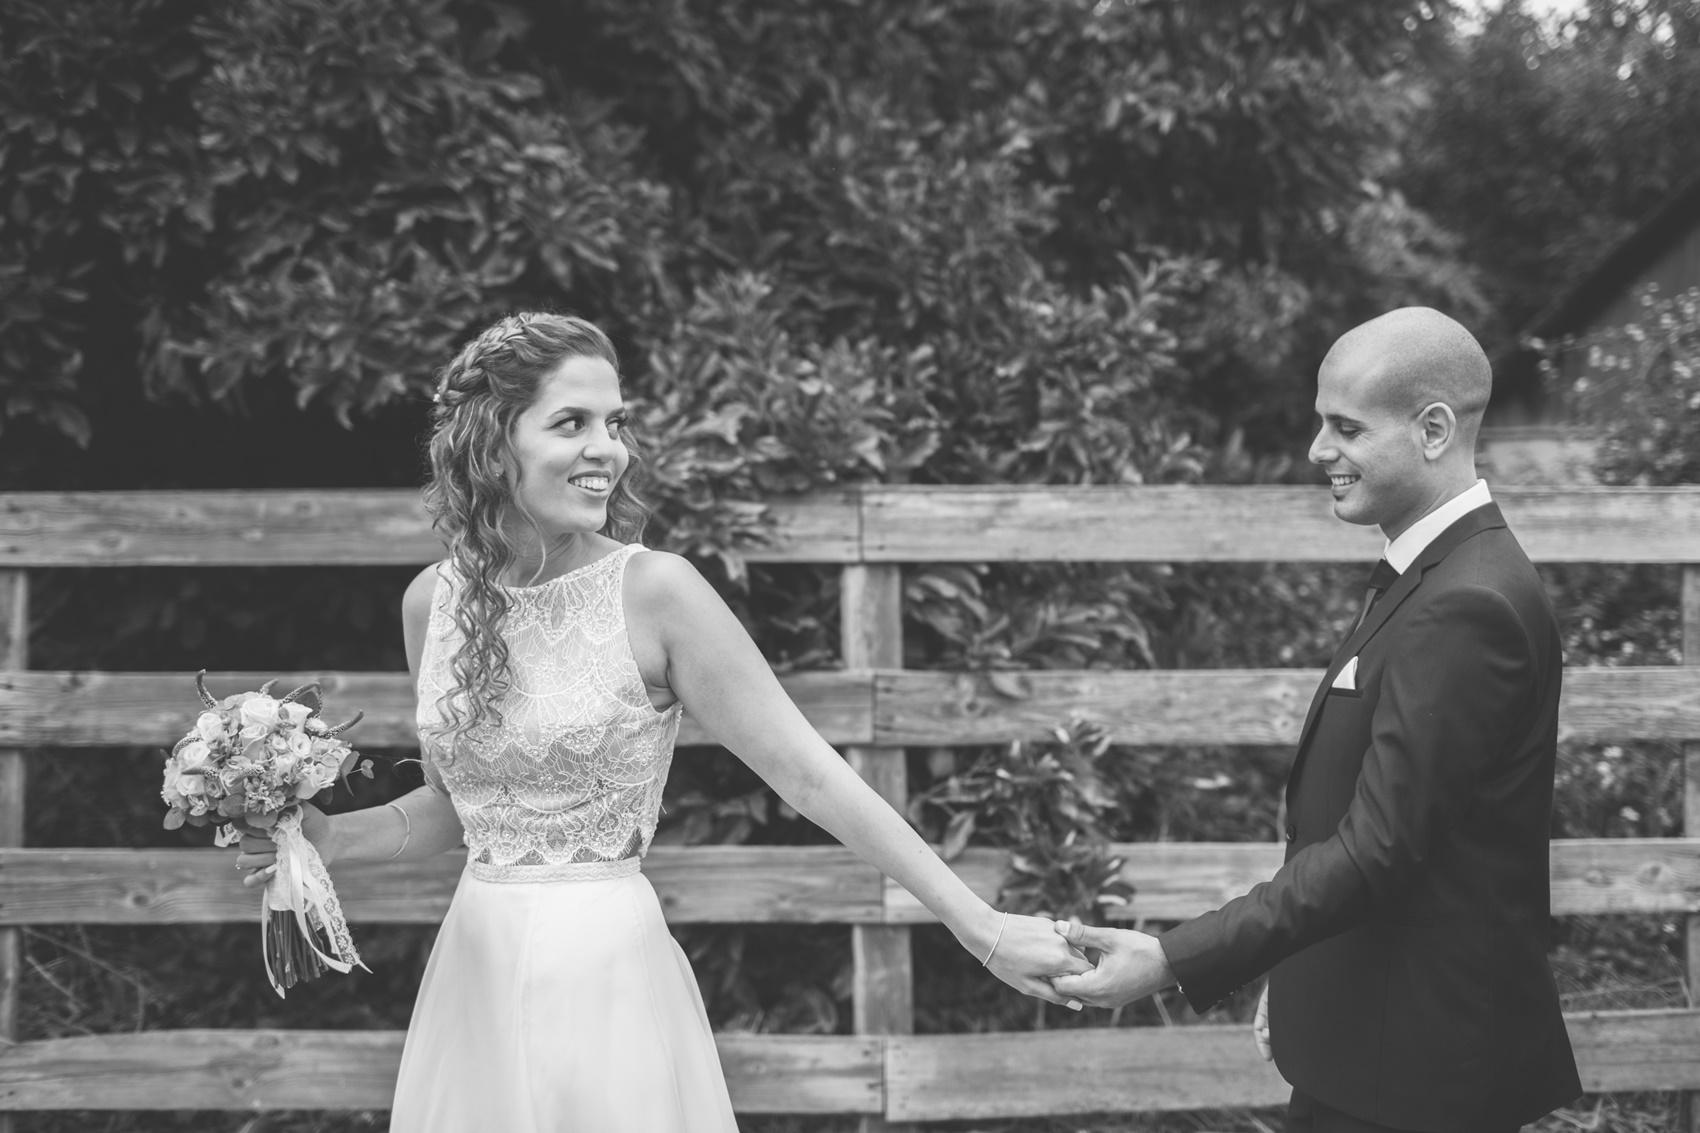 חתונה בגן ורדים